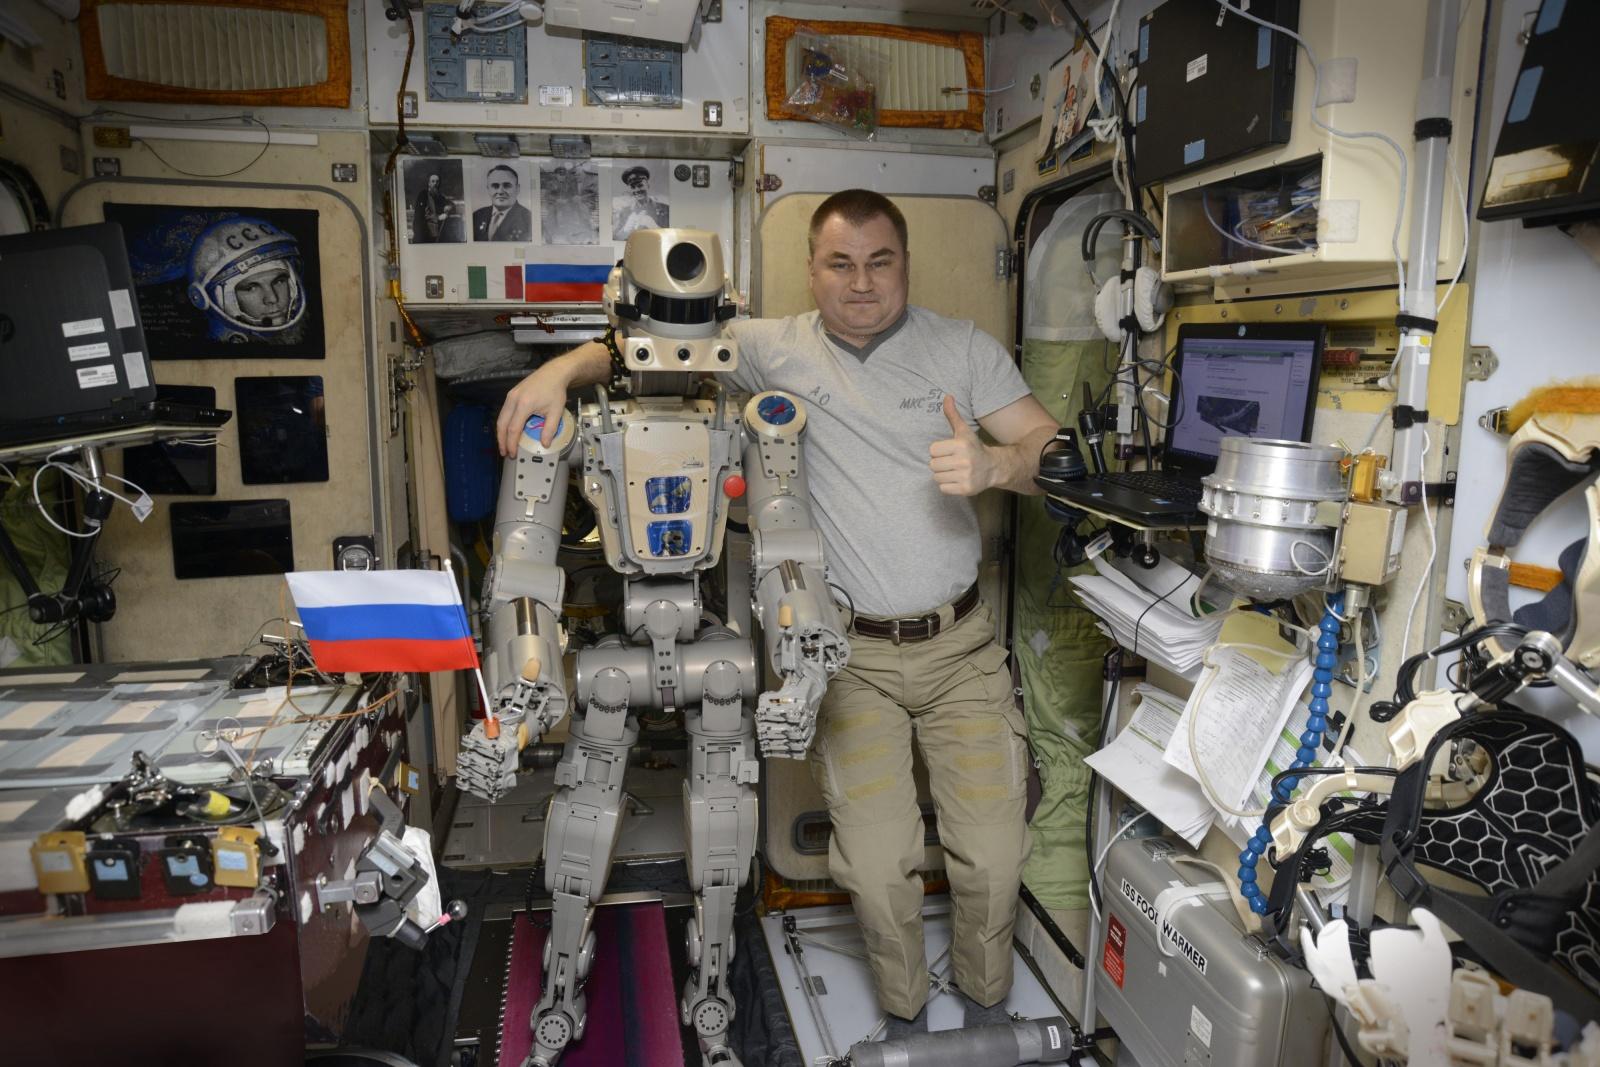 Робот FEDOR — много фото и даже видео с МКС, подготовка космонавта-оператора и первые испытания робота - 28